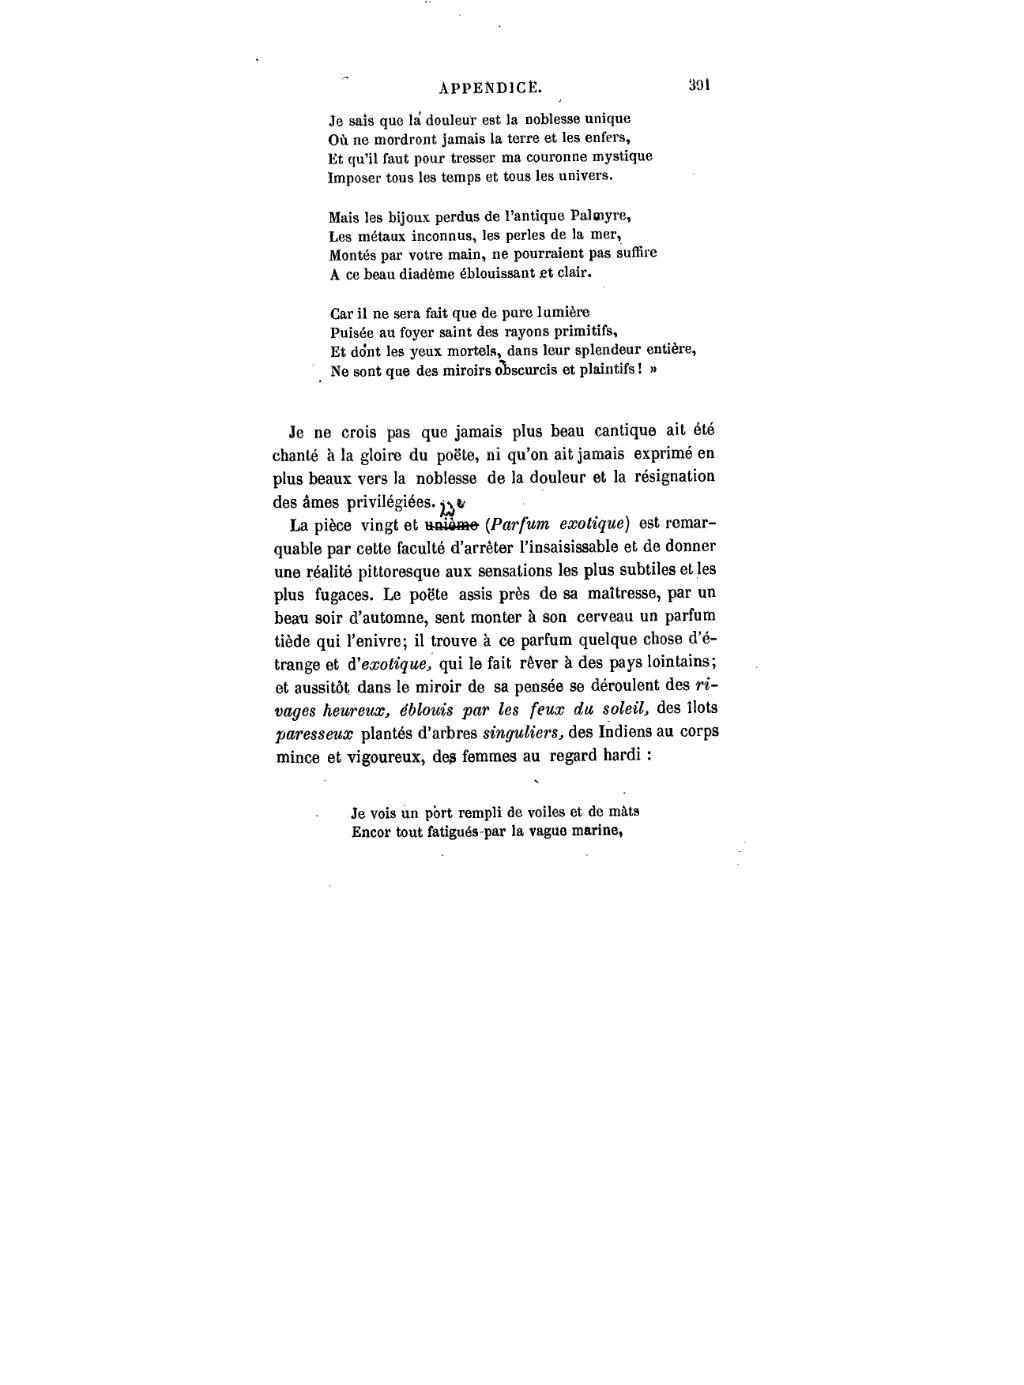 Du baudelaire Les djvu395 Fleurs Mal Page Wikisource DHIWe29EY